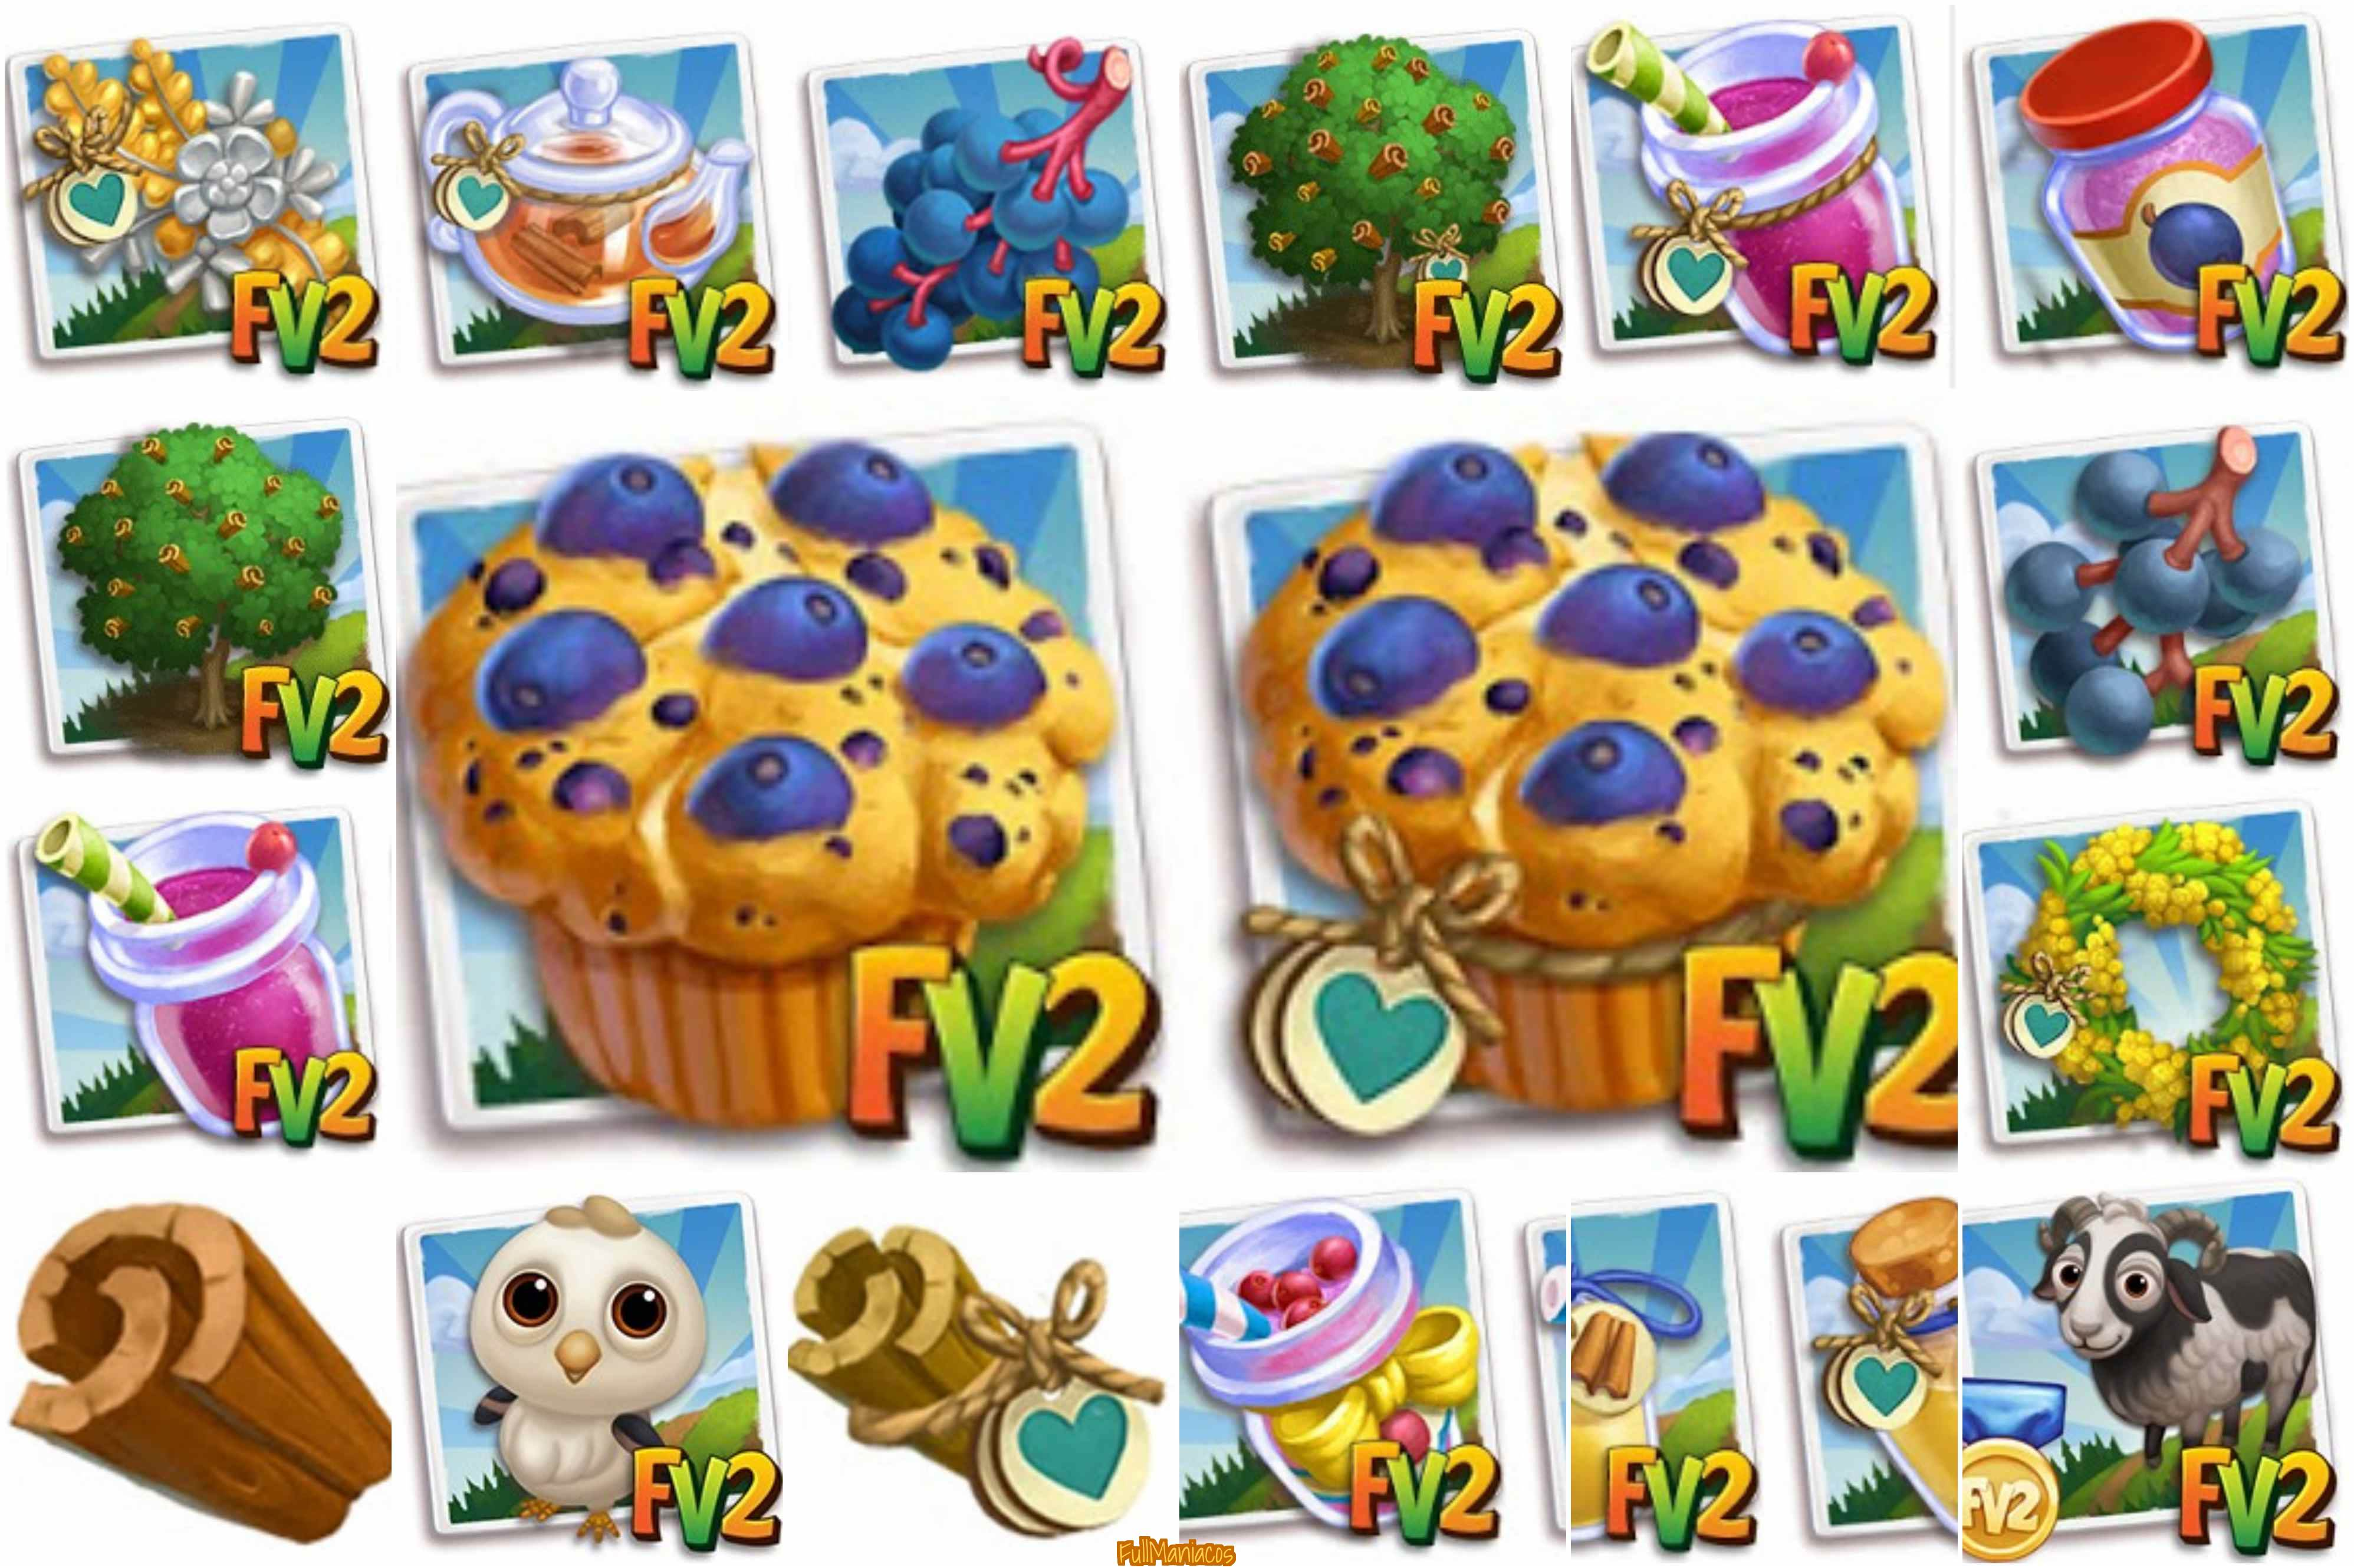 Farmville 2 Nuevos items de Edicion Limitada en Shop 21/08/2017